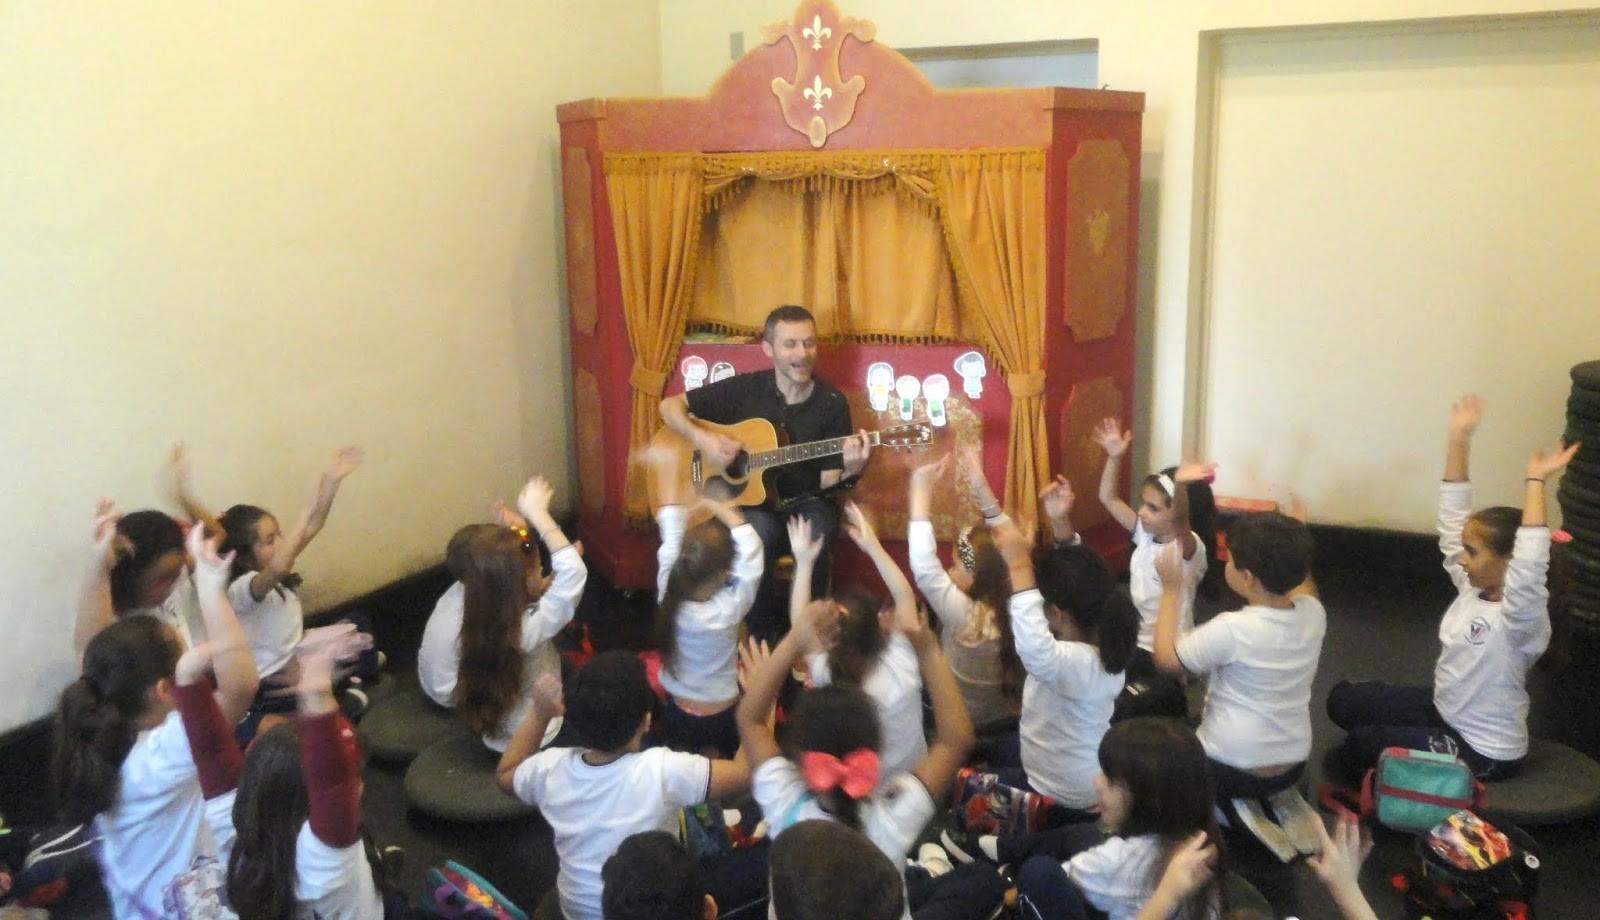 Museu Imperial tem atividades gratuitas voltadas ao público infantil em Petrópolis, no RJ - Notícias - Plantão Diário